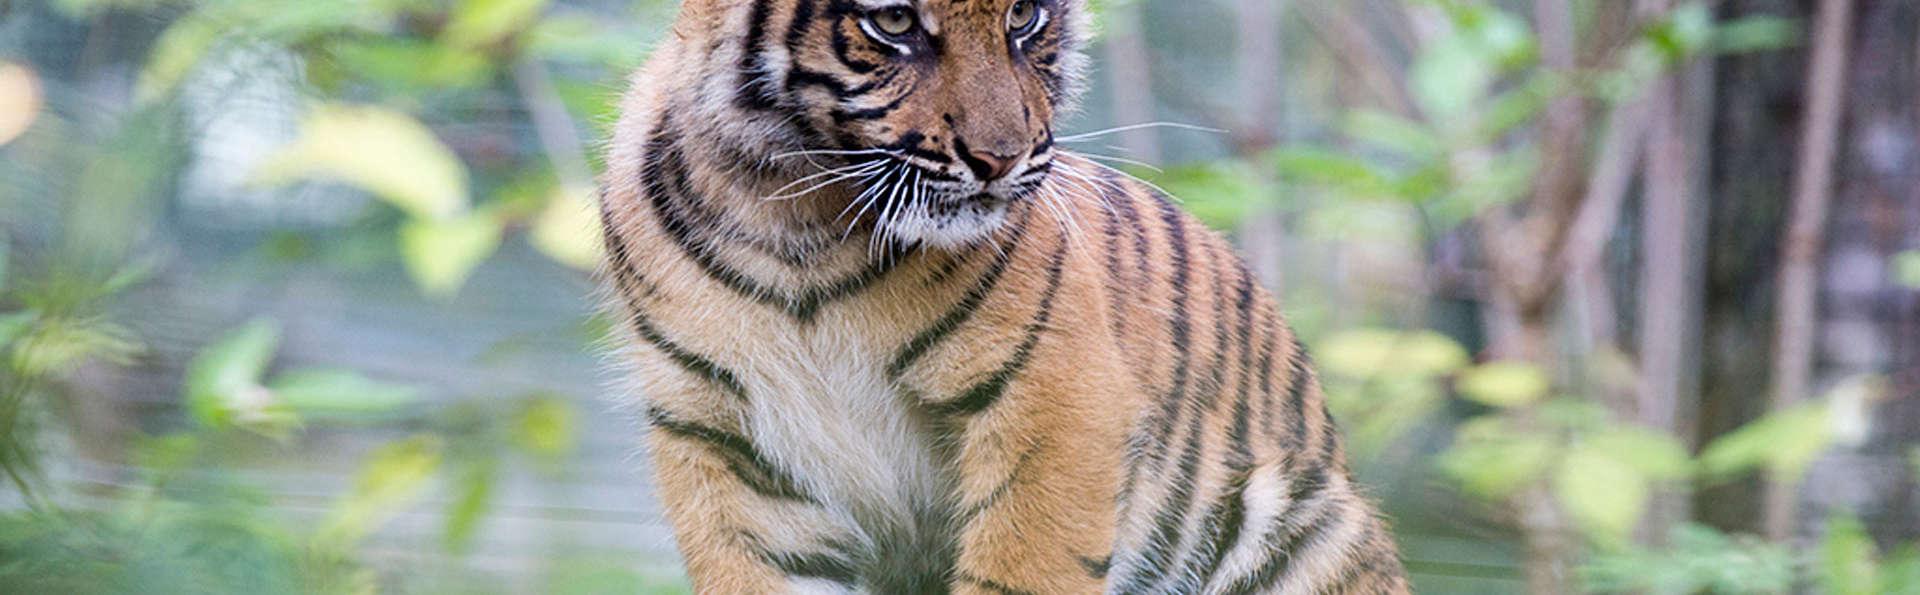 Séjour en famille et entrées au Zoo de Beauval (Jusqu'à 6 personnes)